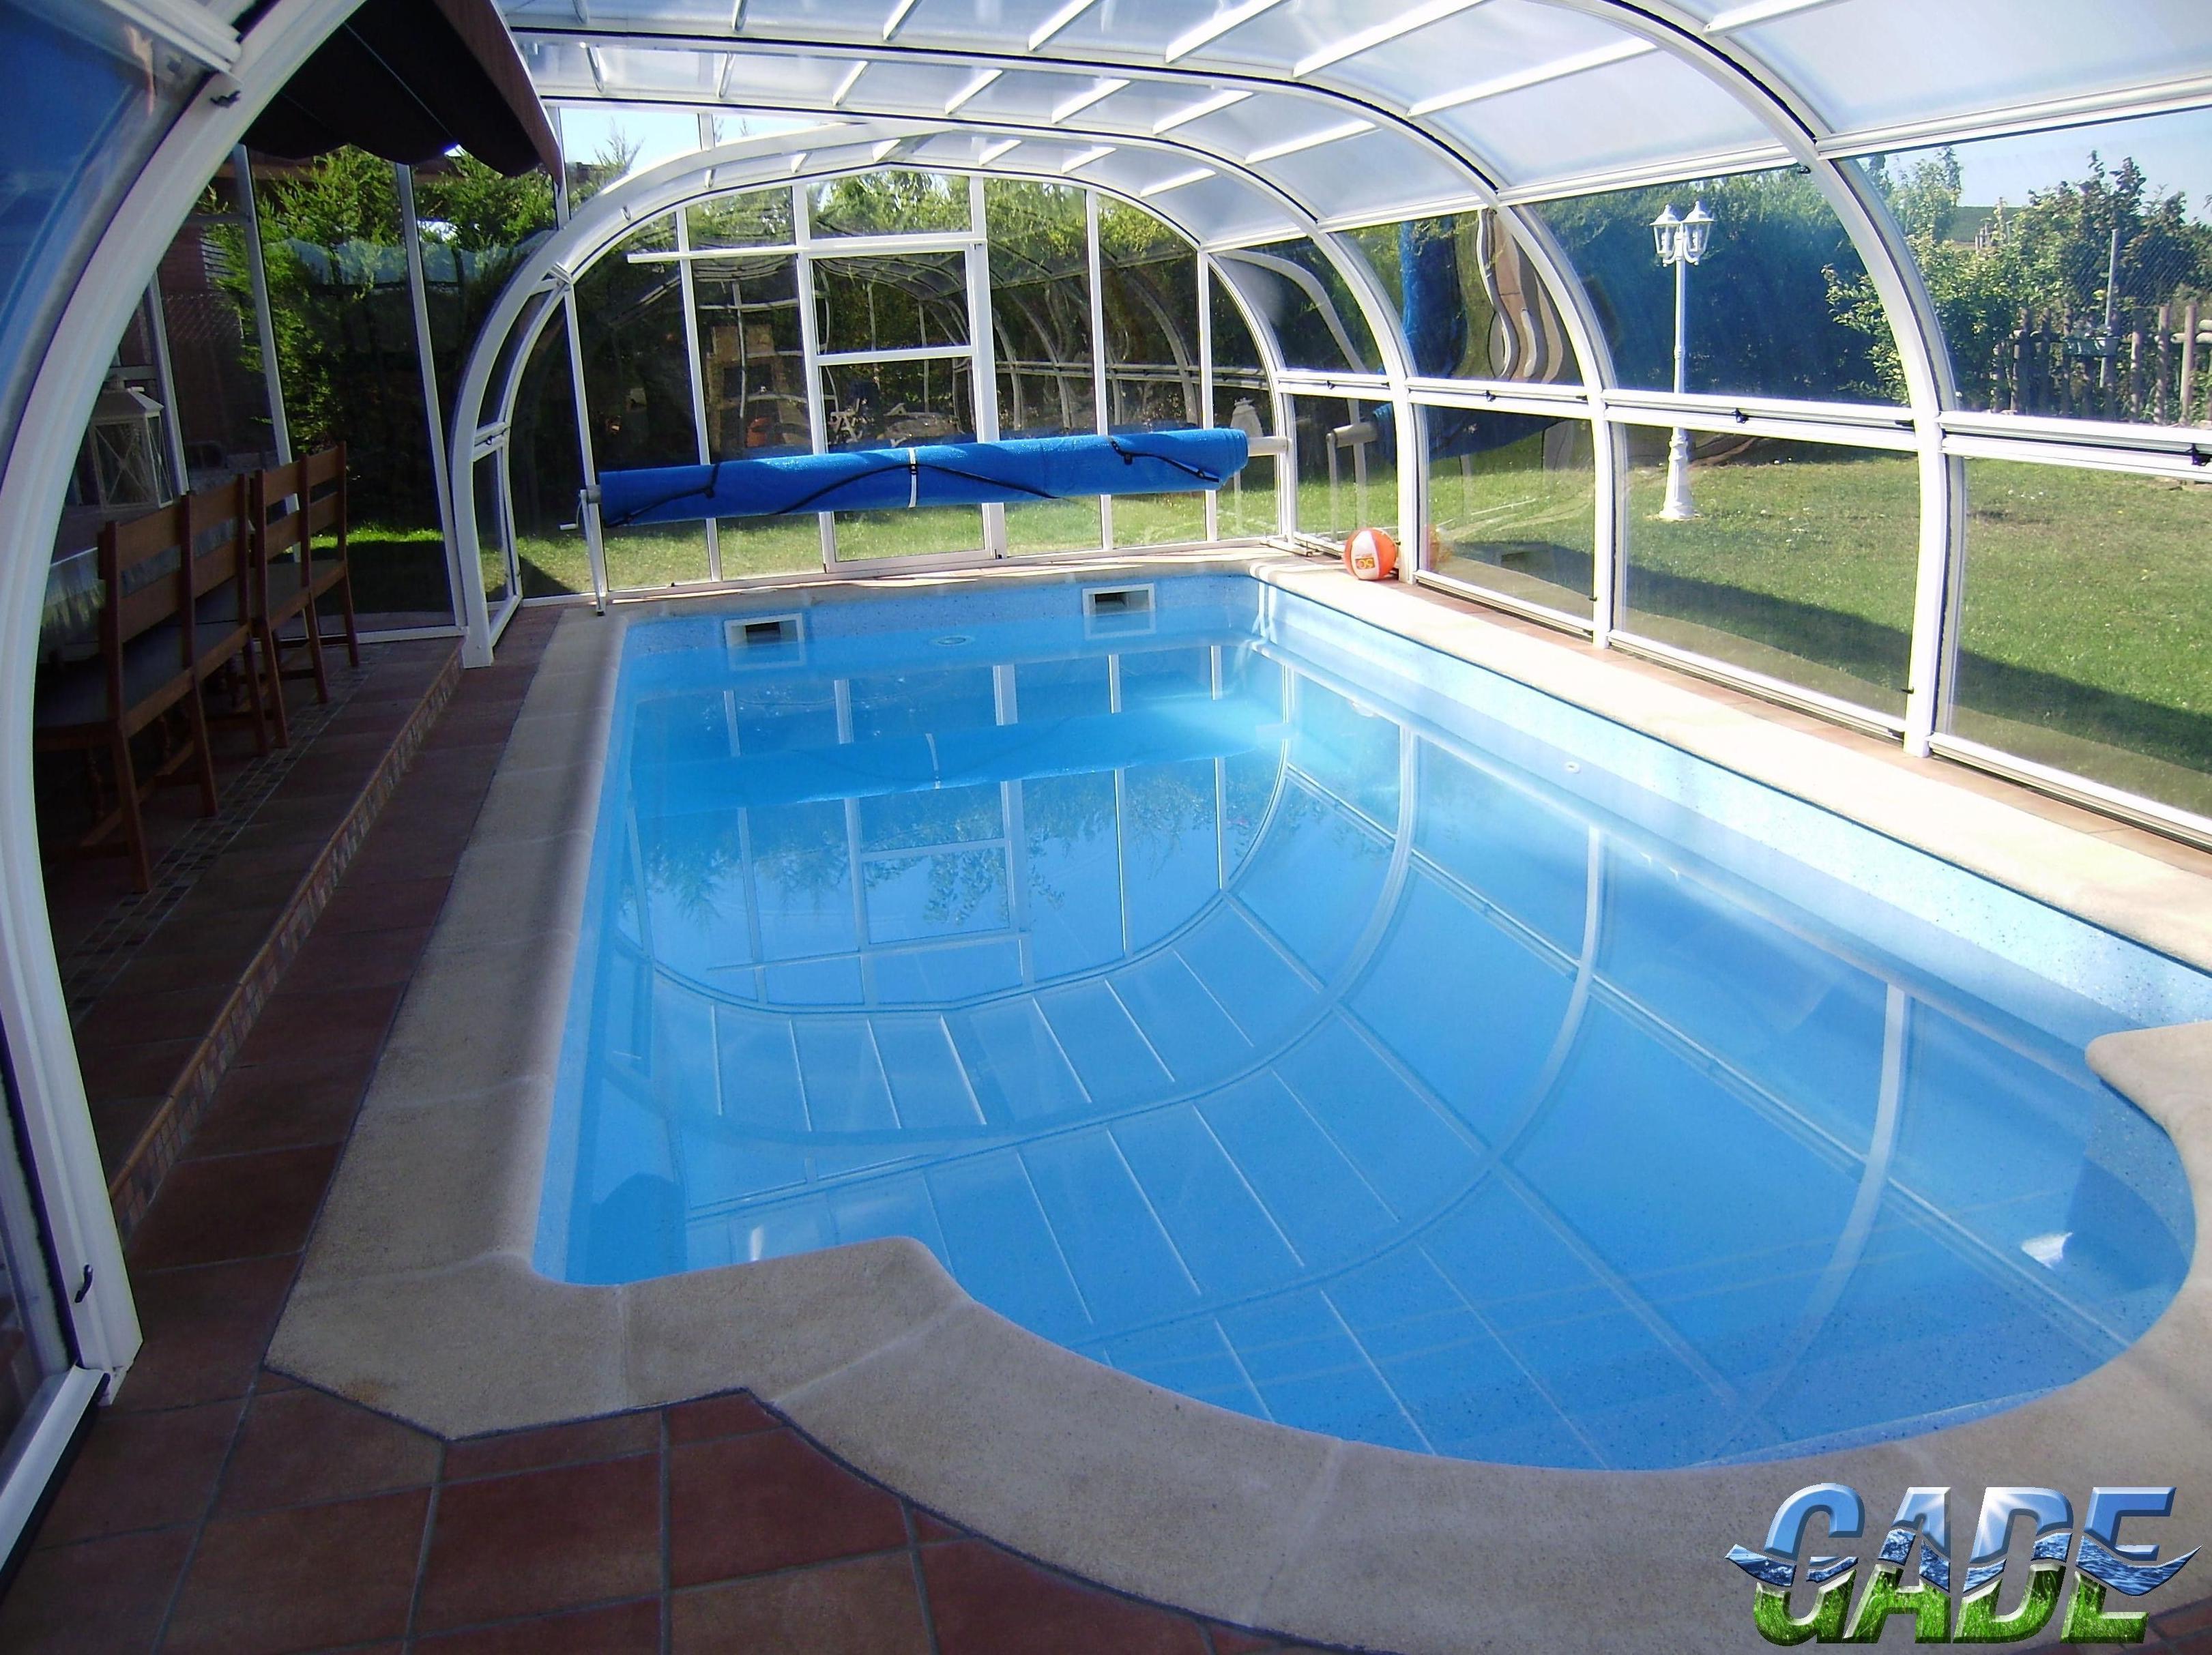 Cubiertas motorizadas de piscinas en la rioja y todo tipo for Piscinas de plastico para jardin